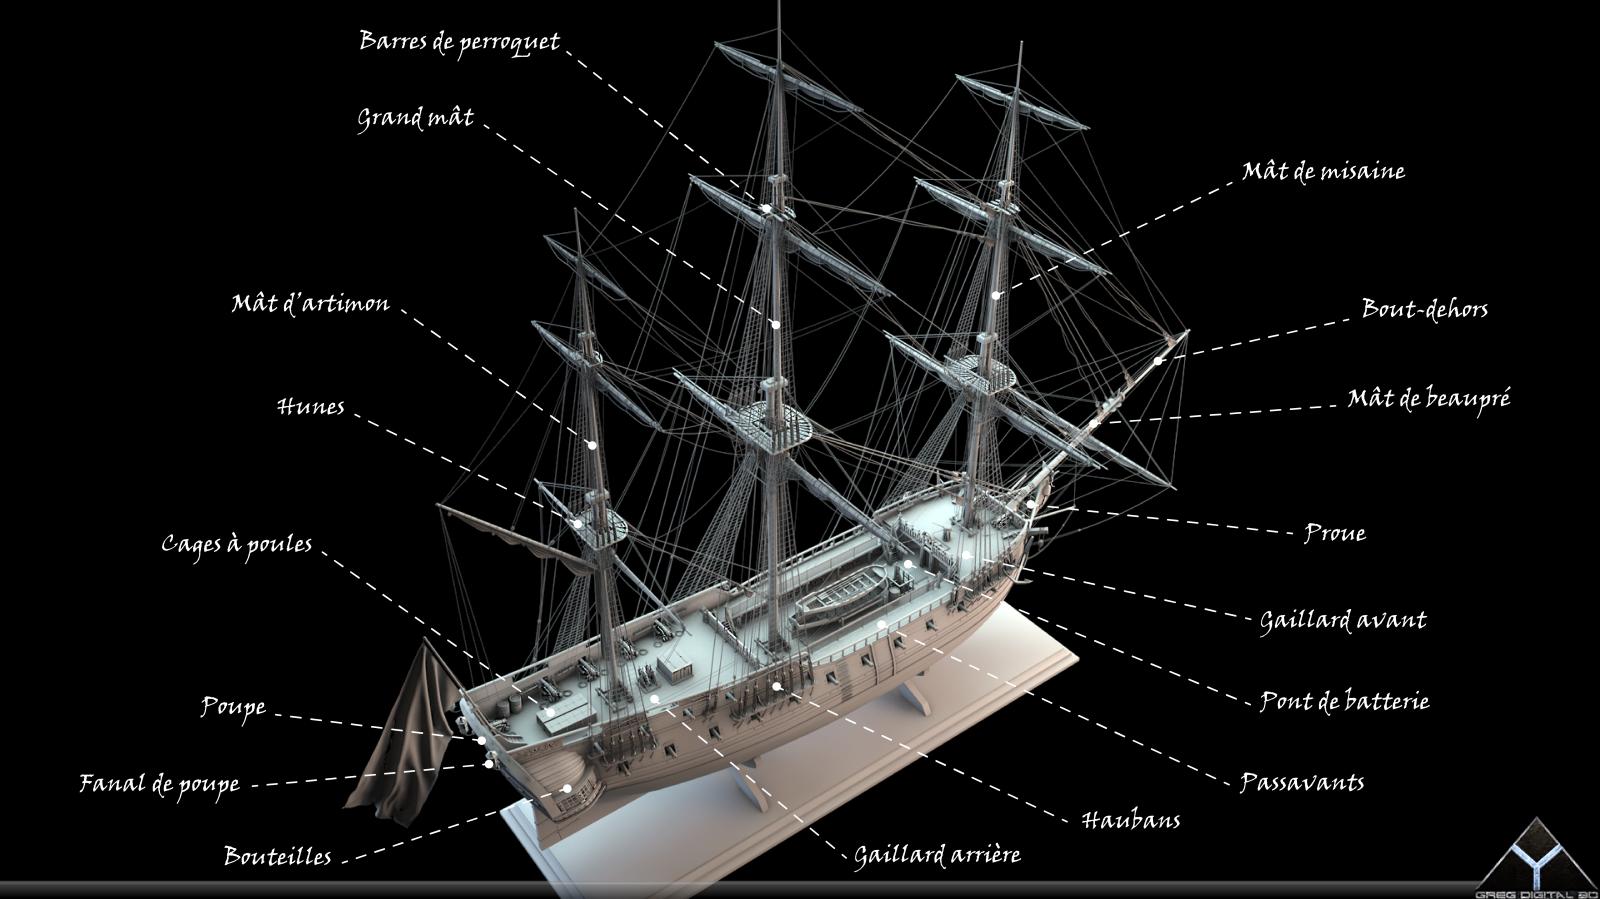 Frégate m'a première réalisation d'un navire en 3D. - Page 6 227804FrgatelightroomR1612